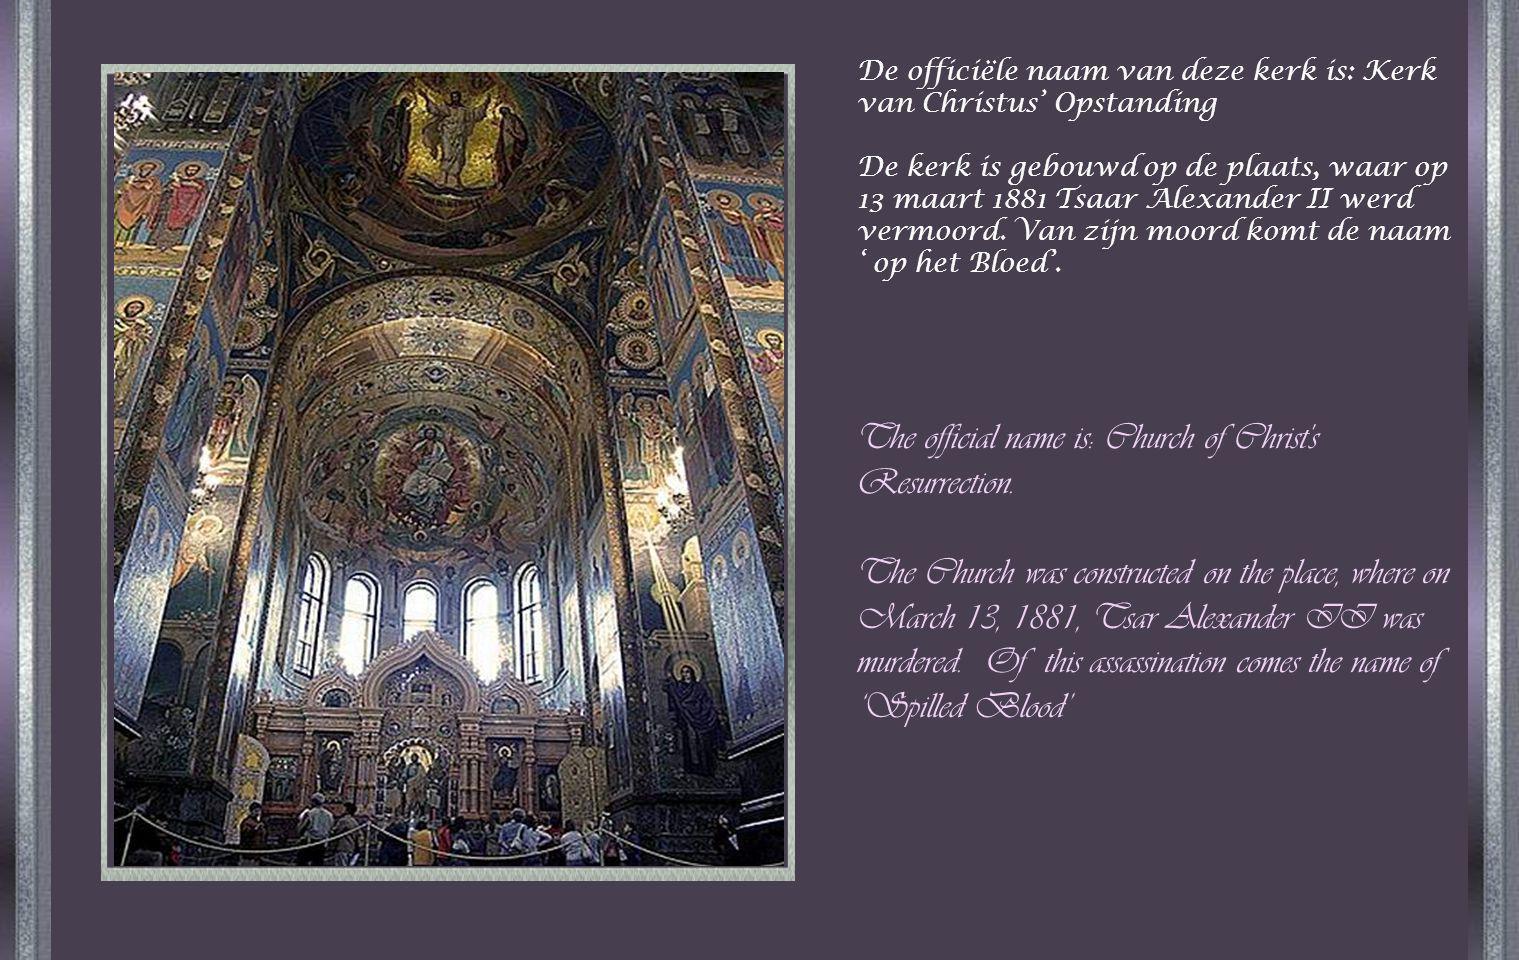 Toen in 1812 de Franse troepen uit Rusland waren verdreven, regelde Tsaar Alexander I de bouw van een nieuwe kerk met de naam ' Christus de Verlosser' om zijn dankbaarheid te betuigen aan de 'Goddelijke Voorzienigheid' voor de redding van Rusland uit de handen van Napoleon.